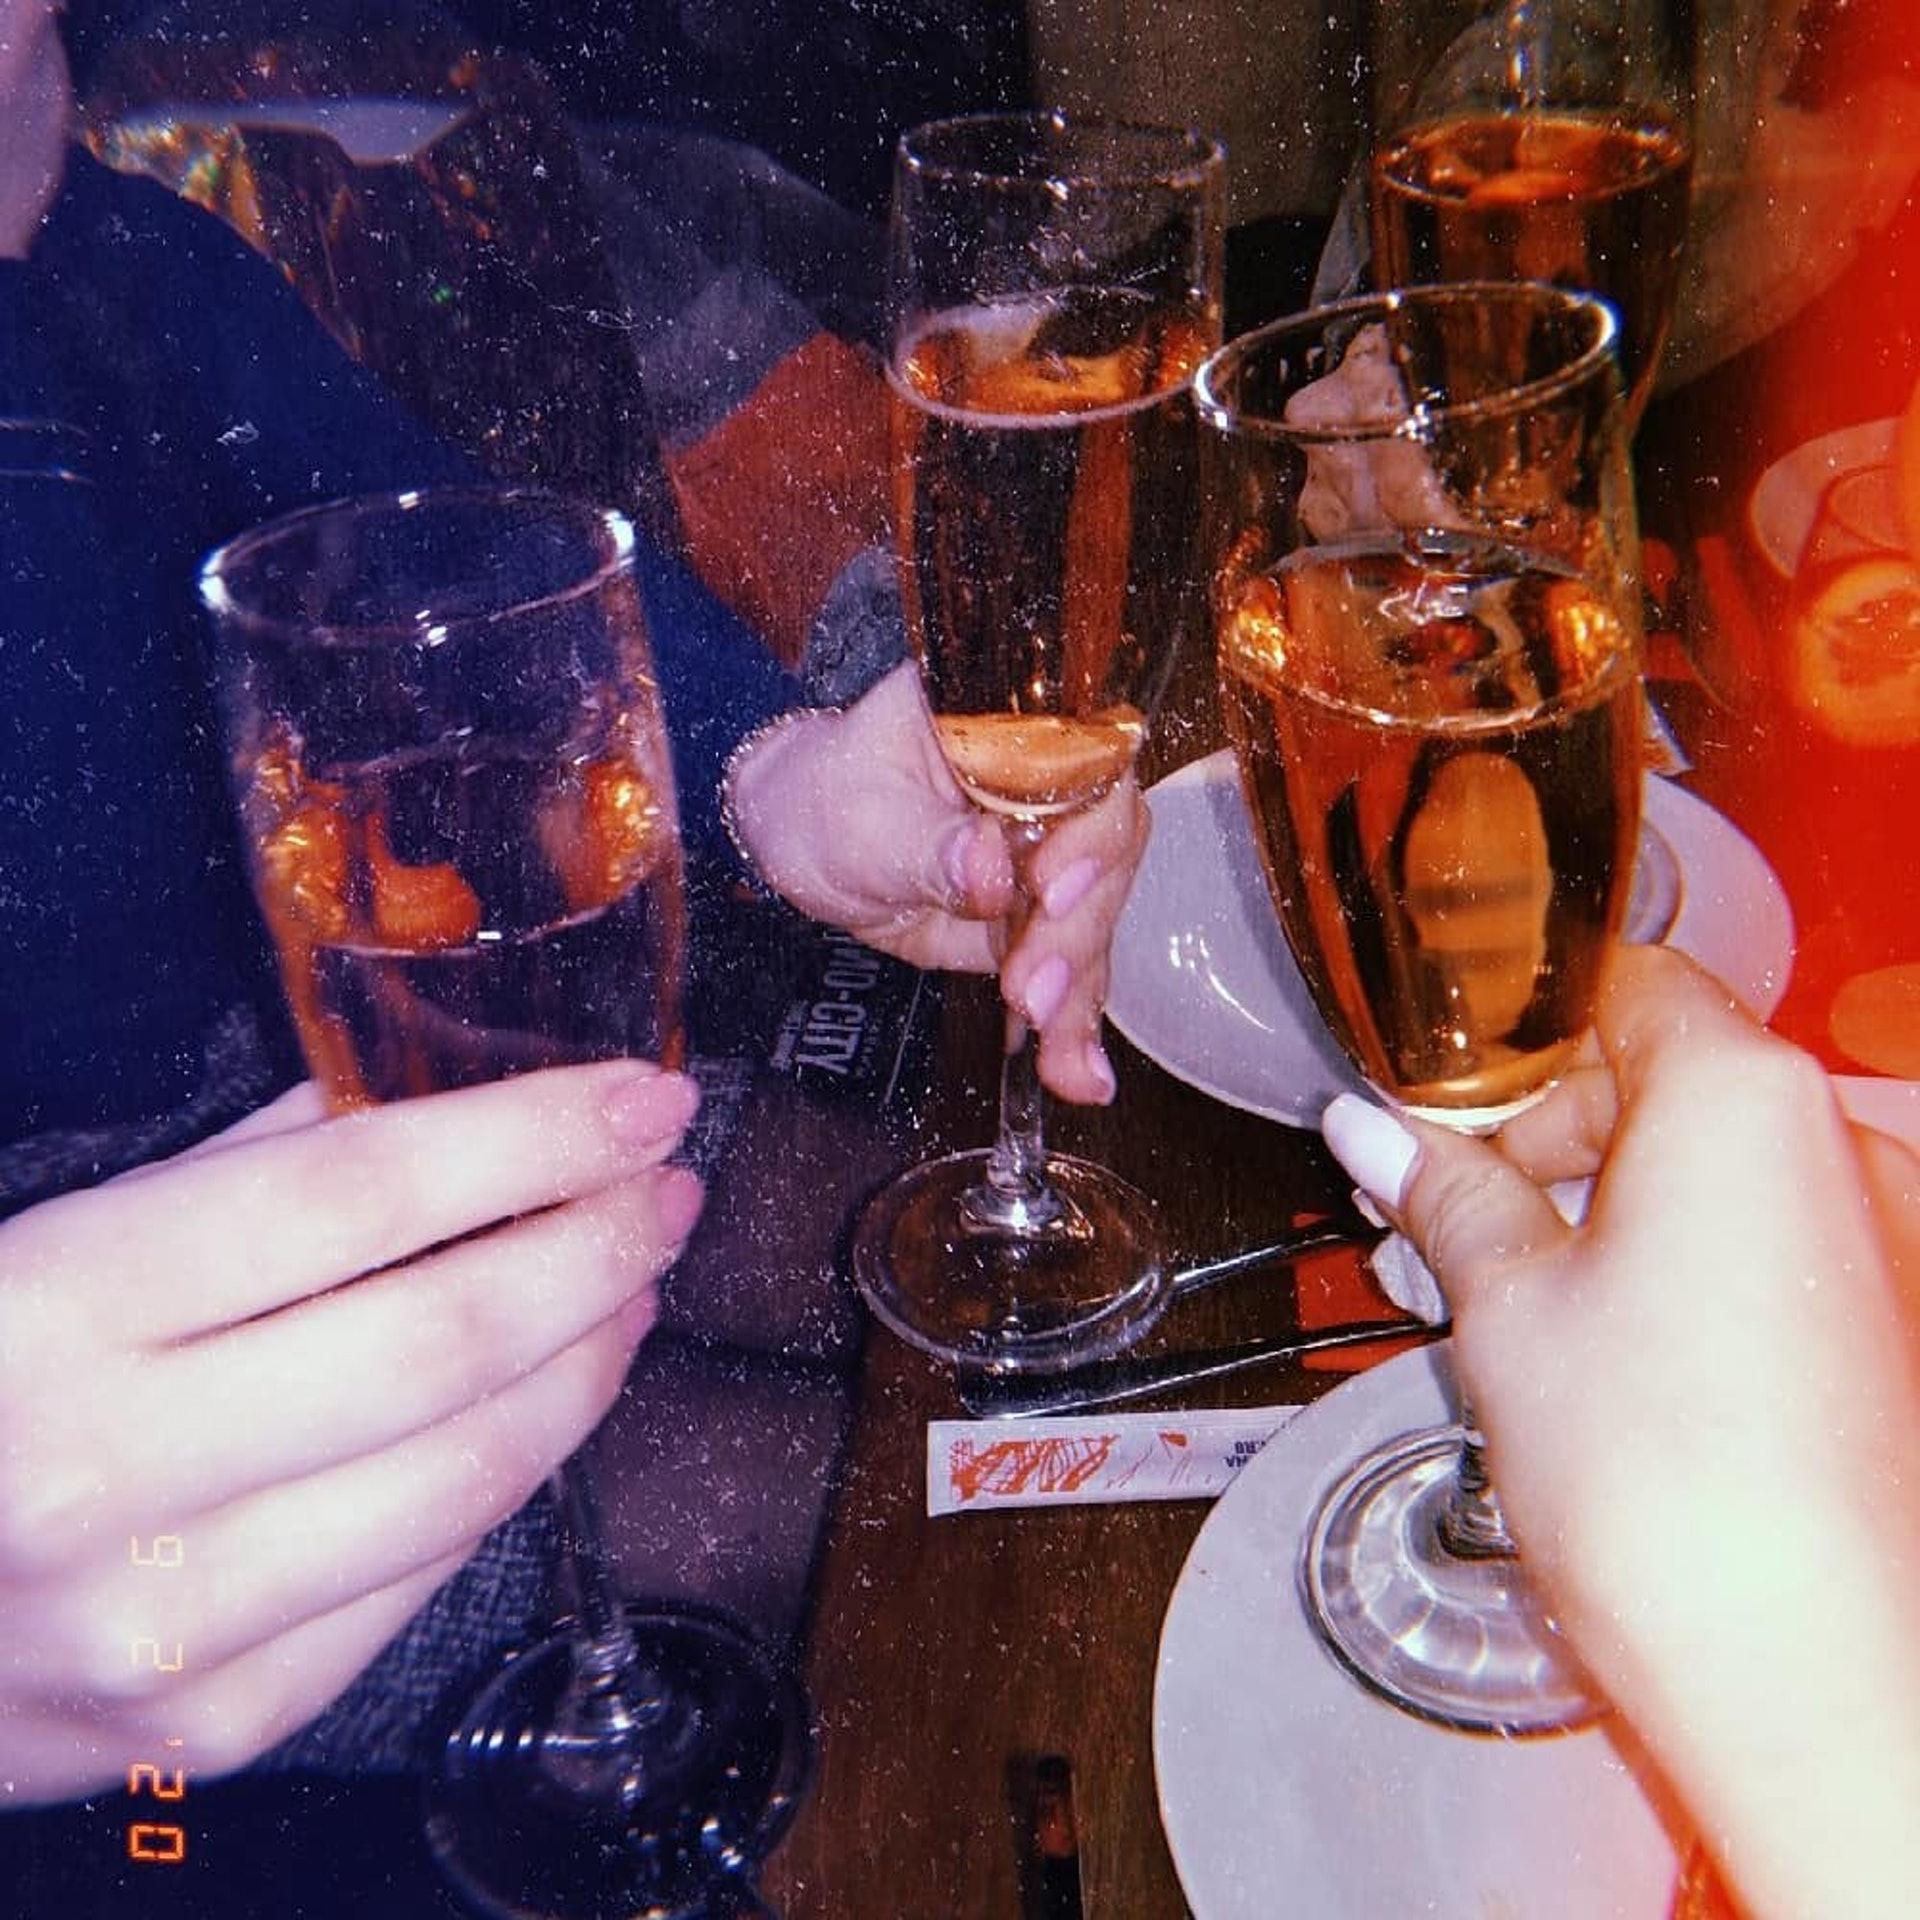 不少人愛好飲兩杯紓緩情緒,但患玫瑰痤瘡者要避免喝酒及辛辣食物。(coldconvict@Instagram)